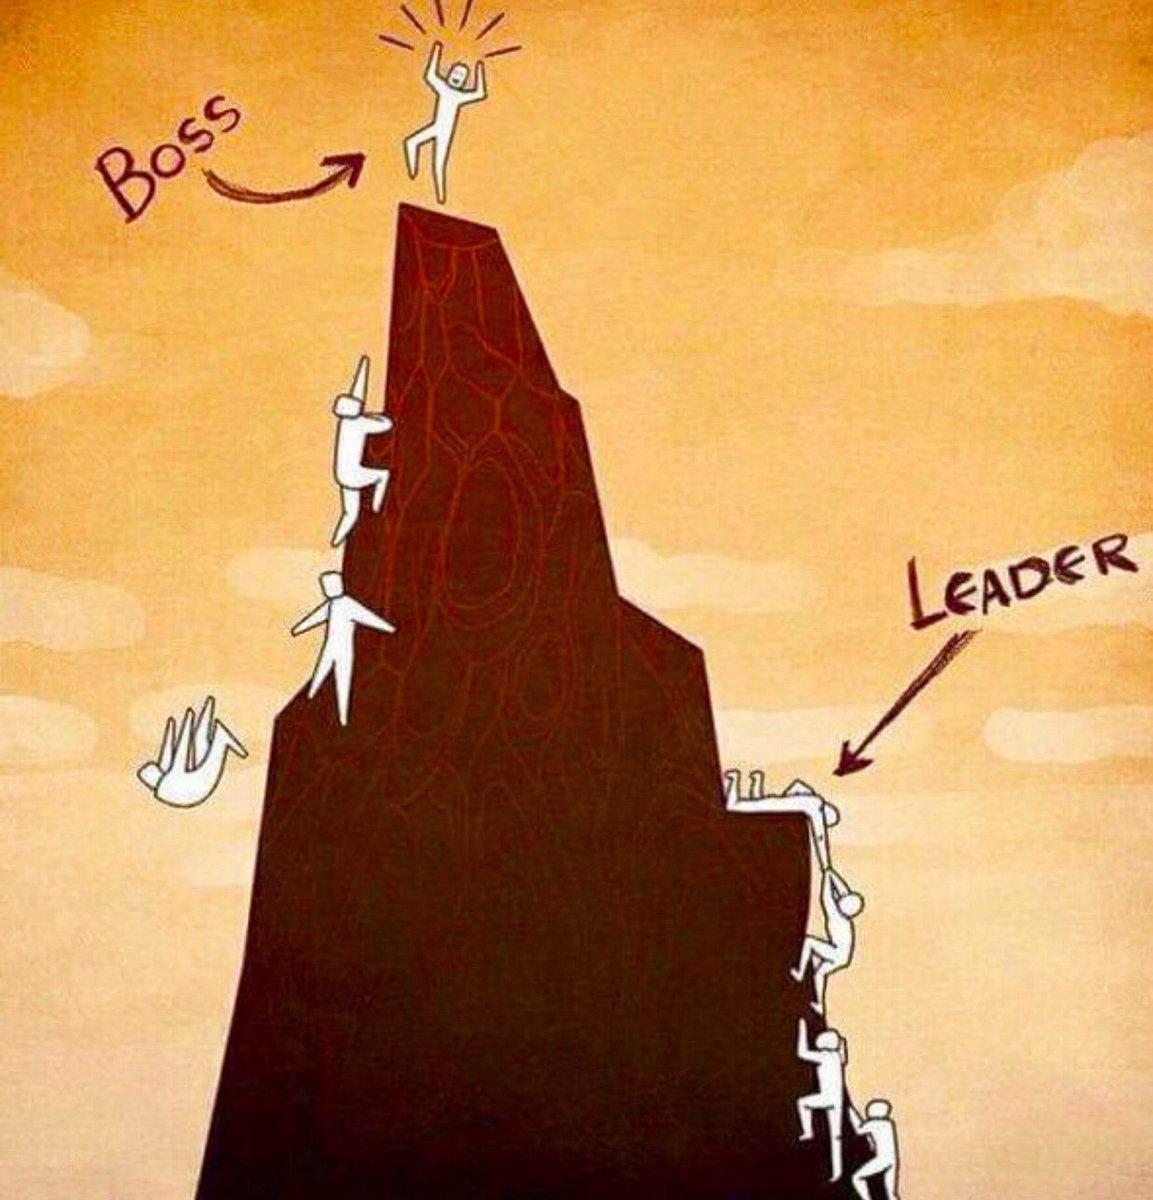 Boss vs Leader @10MillionMiler @DavidKWilliams @fishbowl #Leadership #inspiration RT @therealbanksy https://t.co/kO5pJMklPe